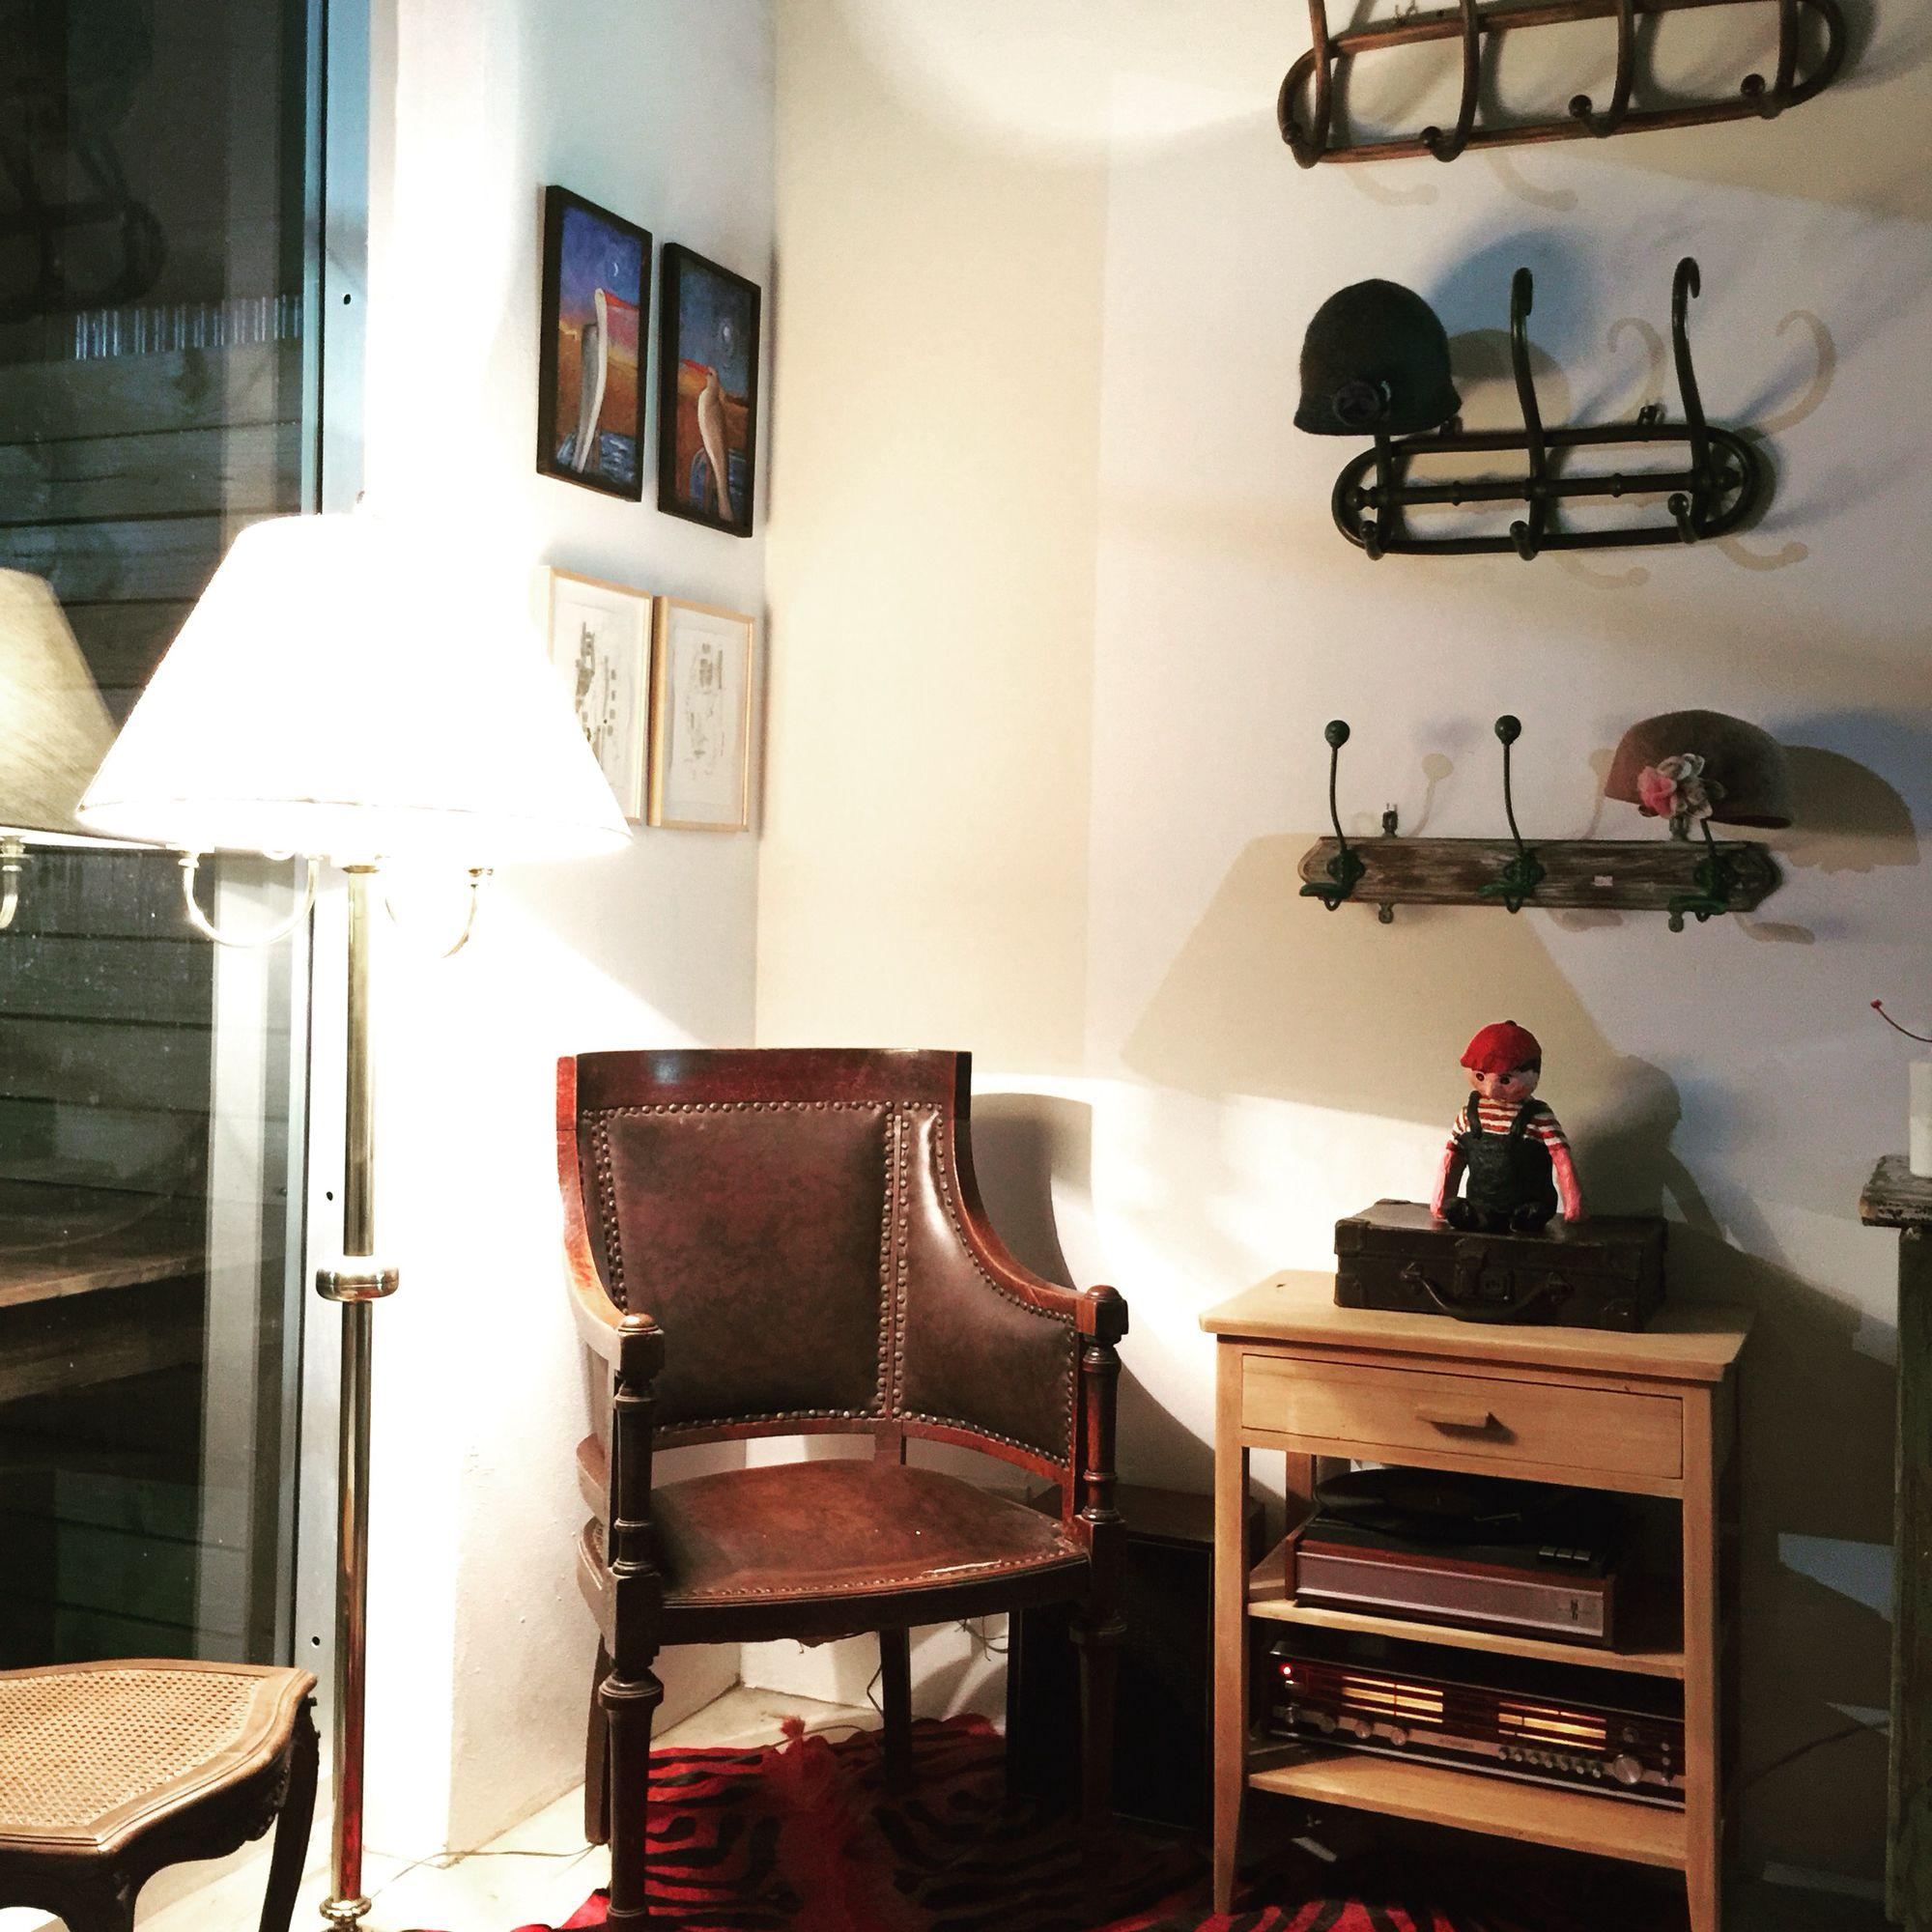 Rincones De Juan Cosas Viejas Arte Decoraci N Dise O De Muebles  # Muebles Viu Comedores